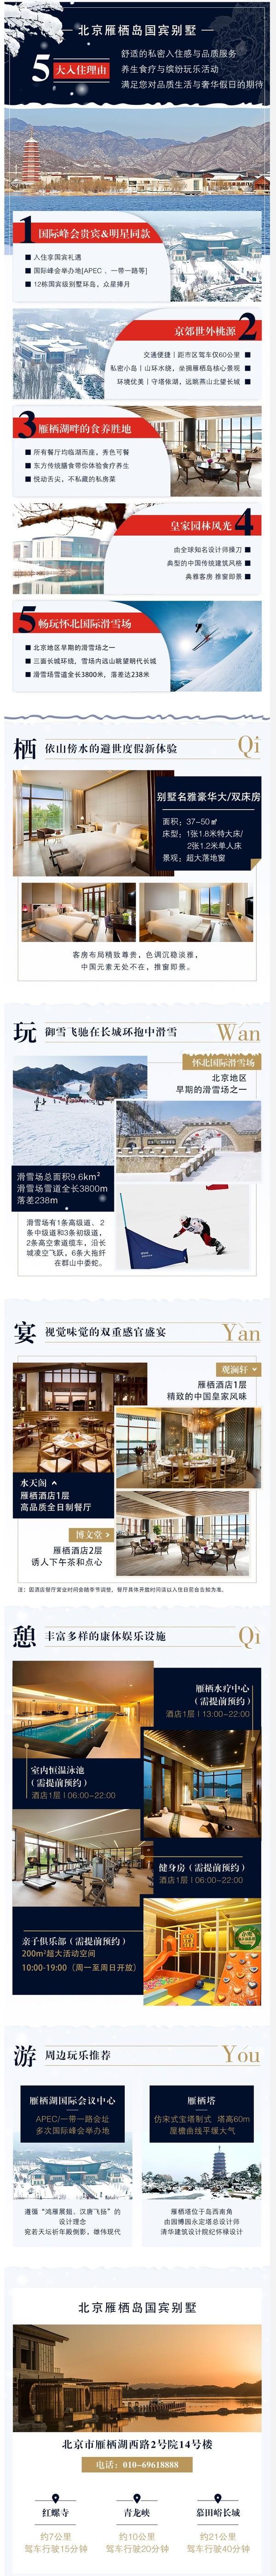 APEC指定酒店!北京雁栖酒店 别墅名雅豪华房1晚(含早餐+minibar+怀北滑雪票2张)